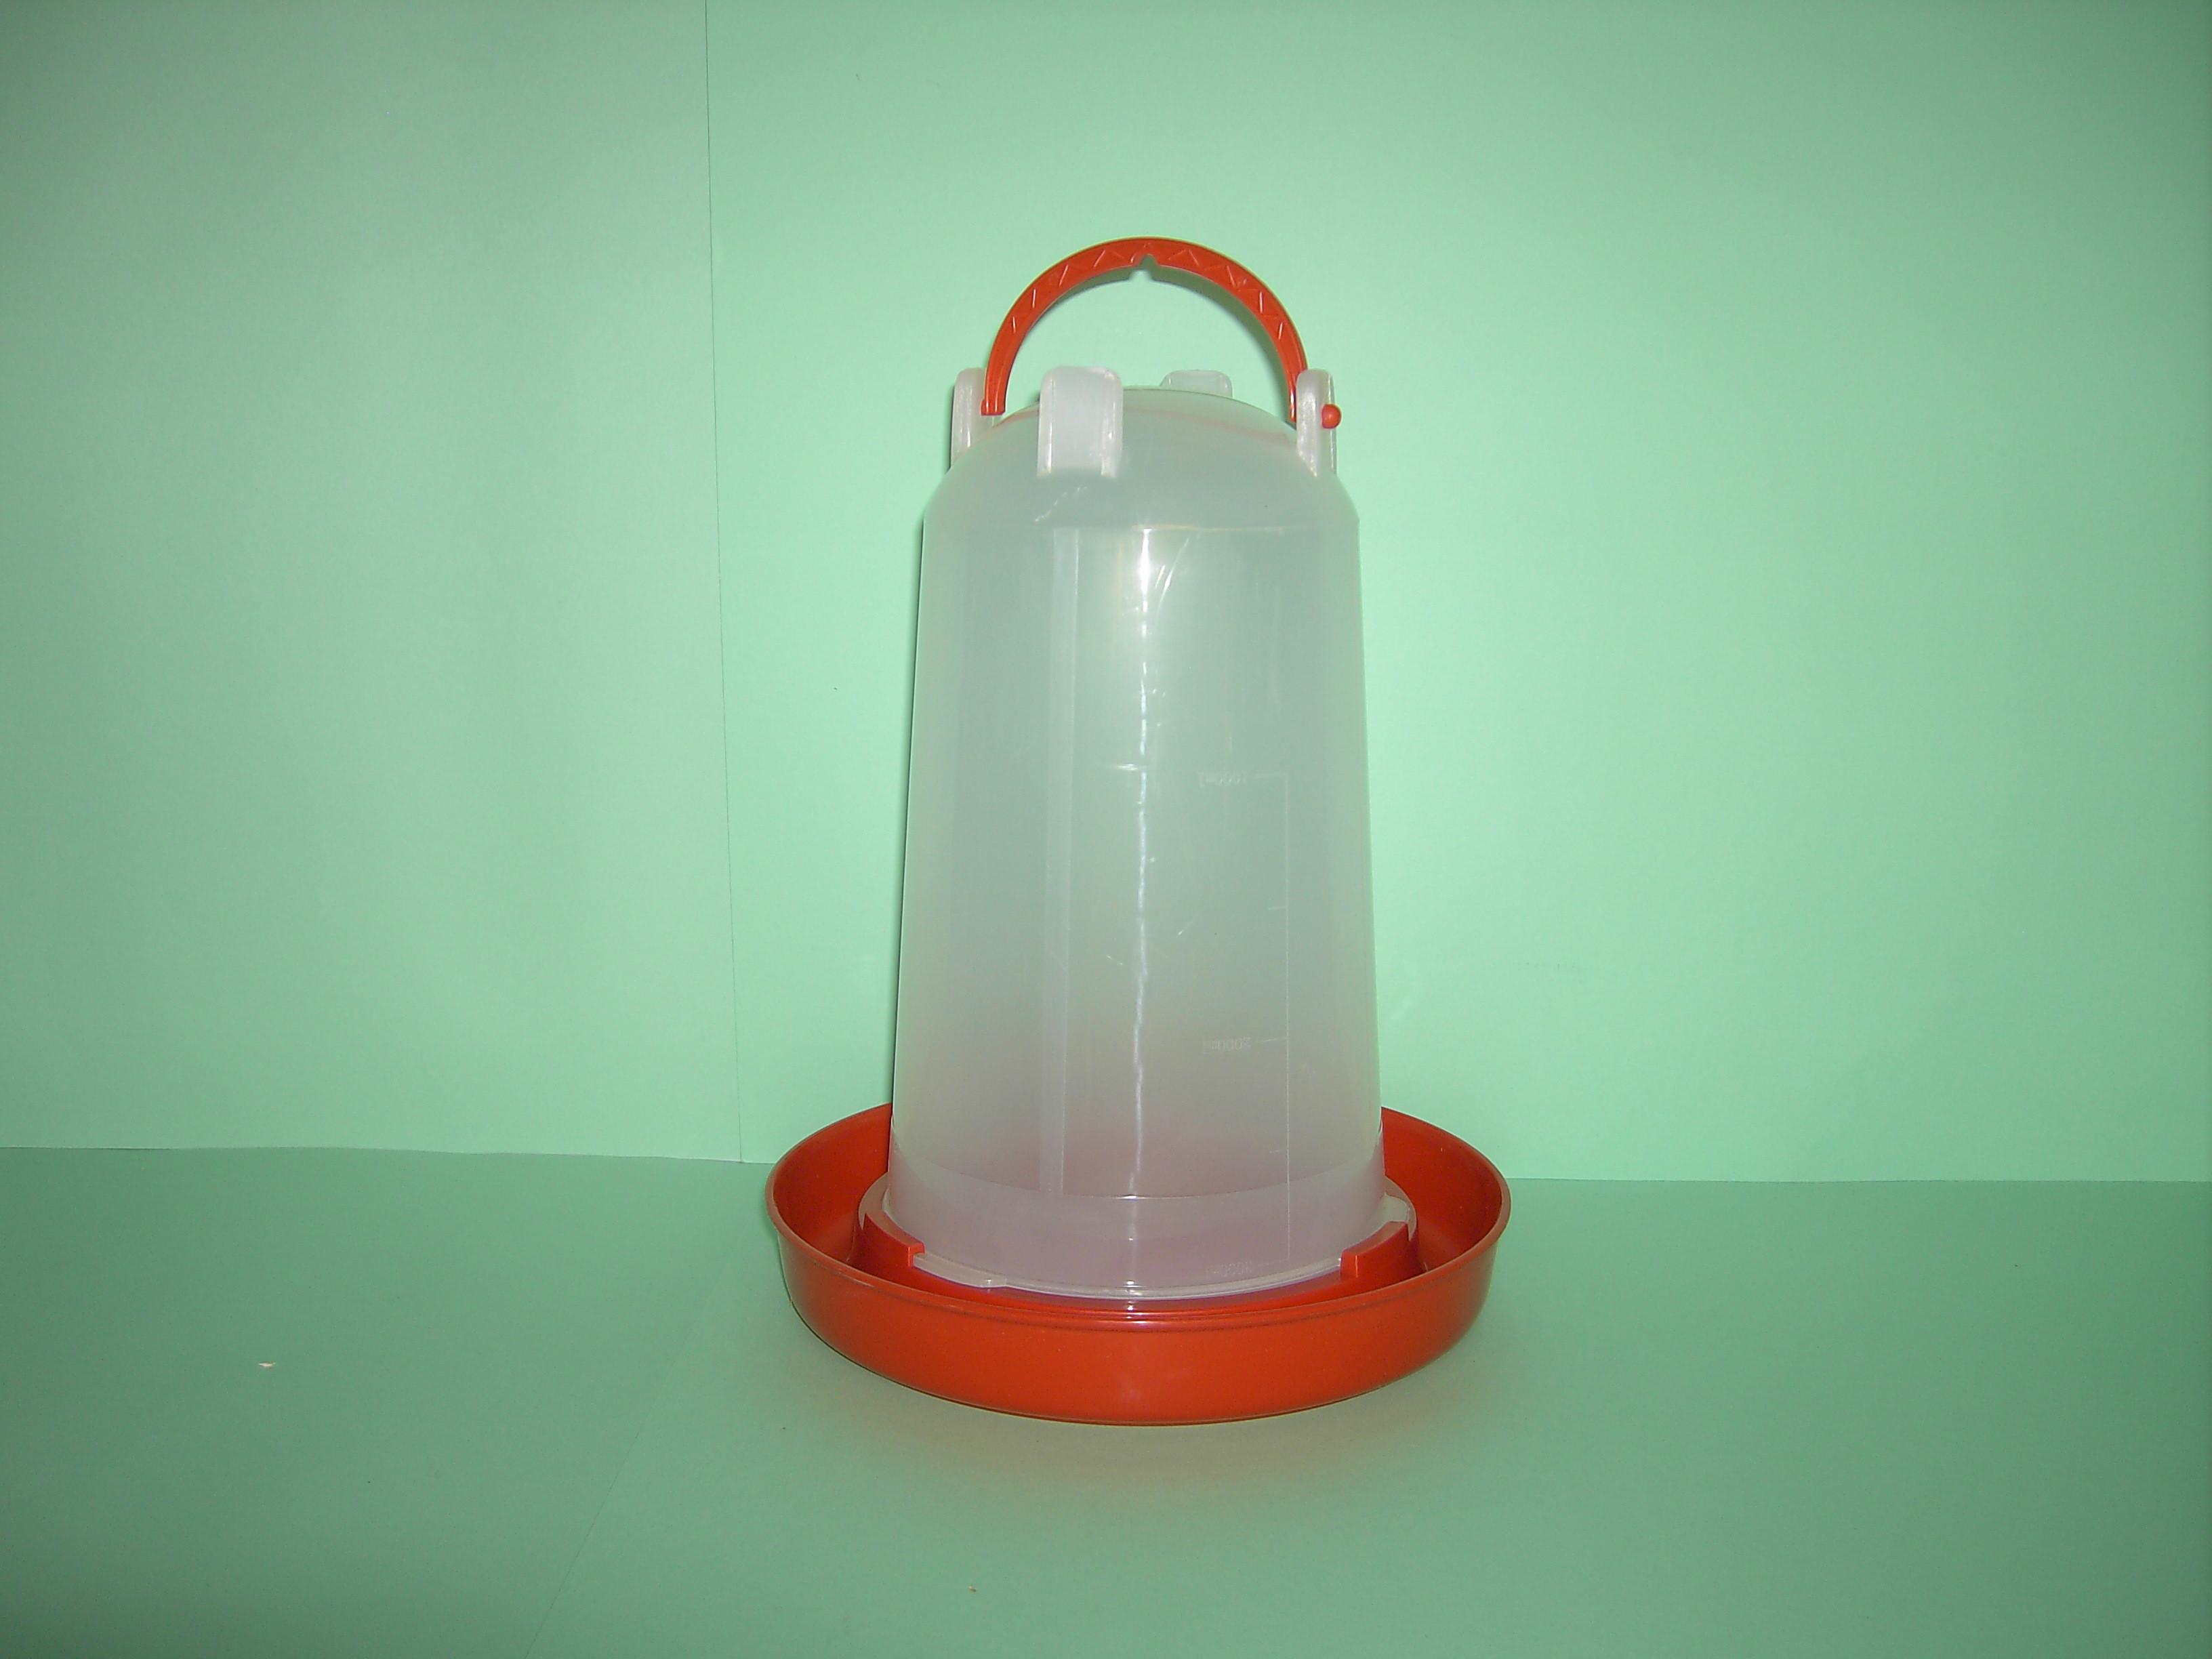 Geflügeltränke mit Bajonetverschluß 3 liter - ZOOVERSANDHAUS JUNG